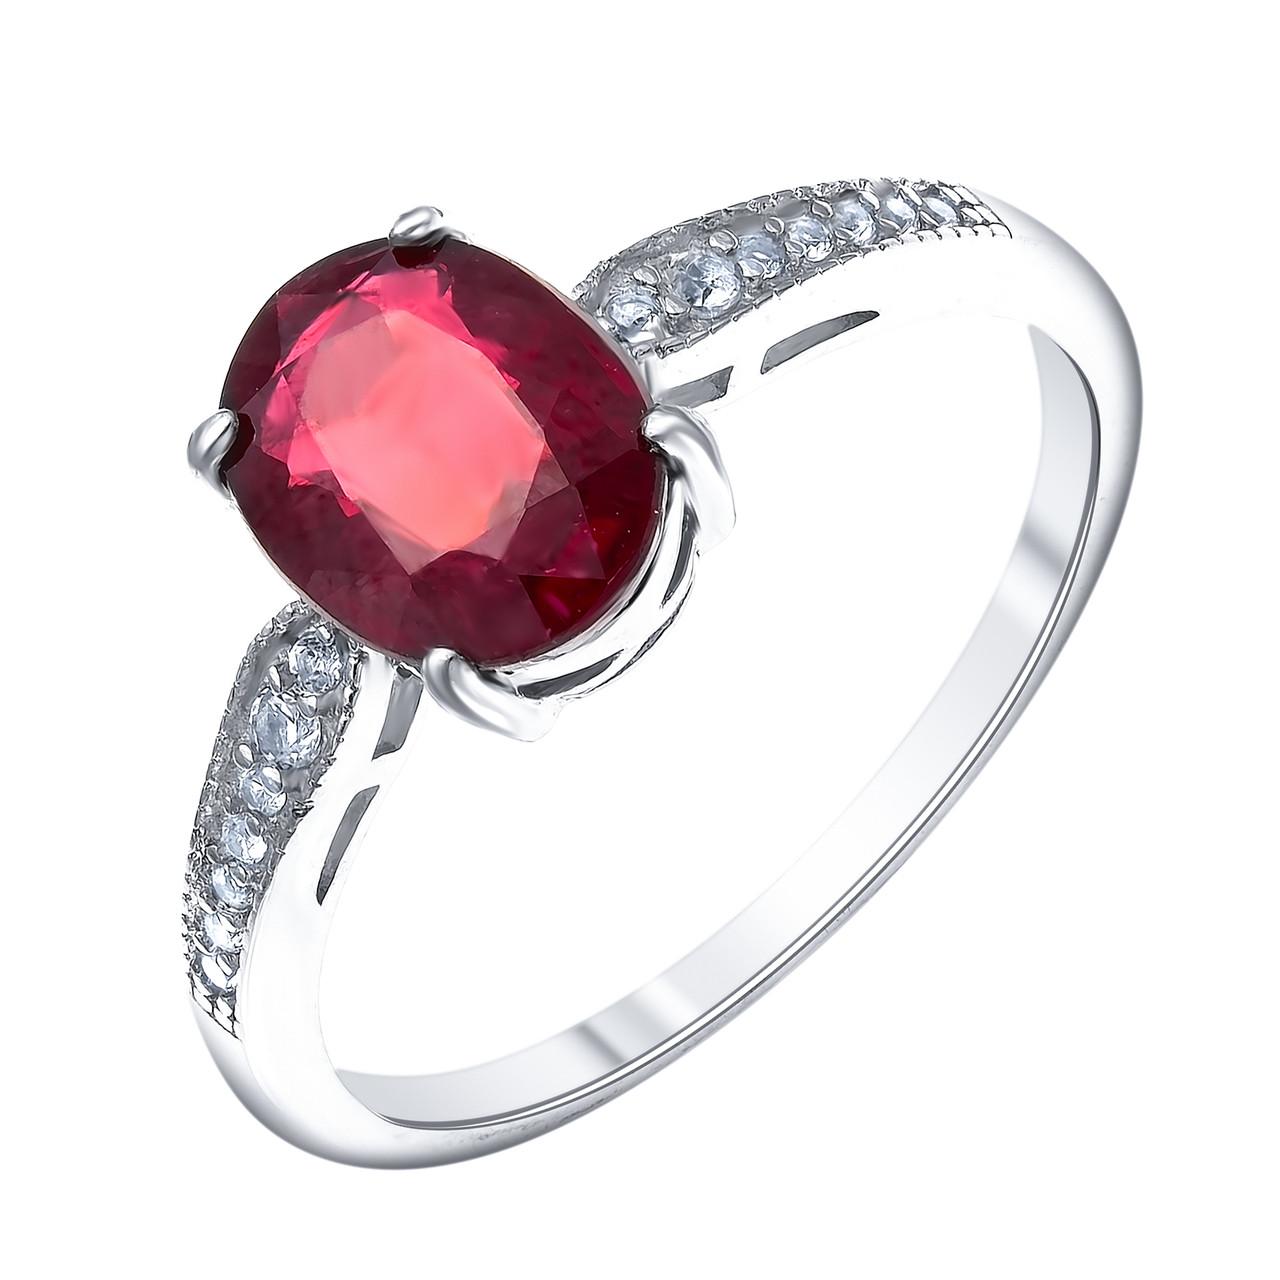 Кольцо из серебра с натуральным рубином и белым топазом